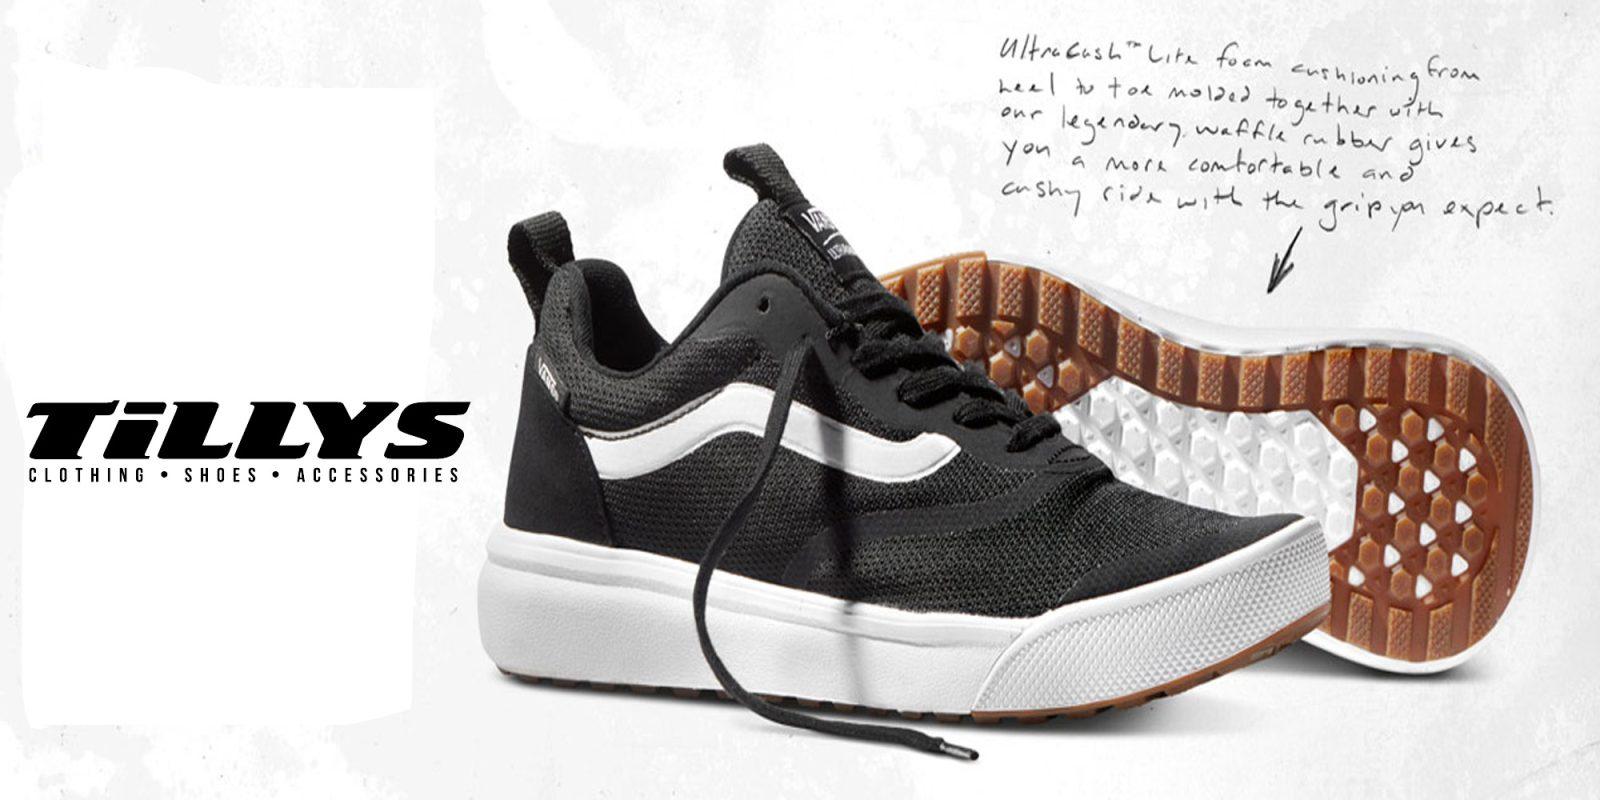 18a524ed005 Nike